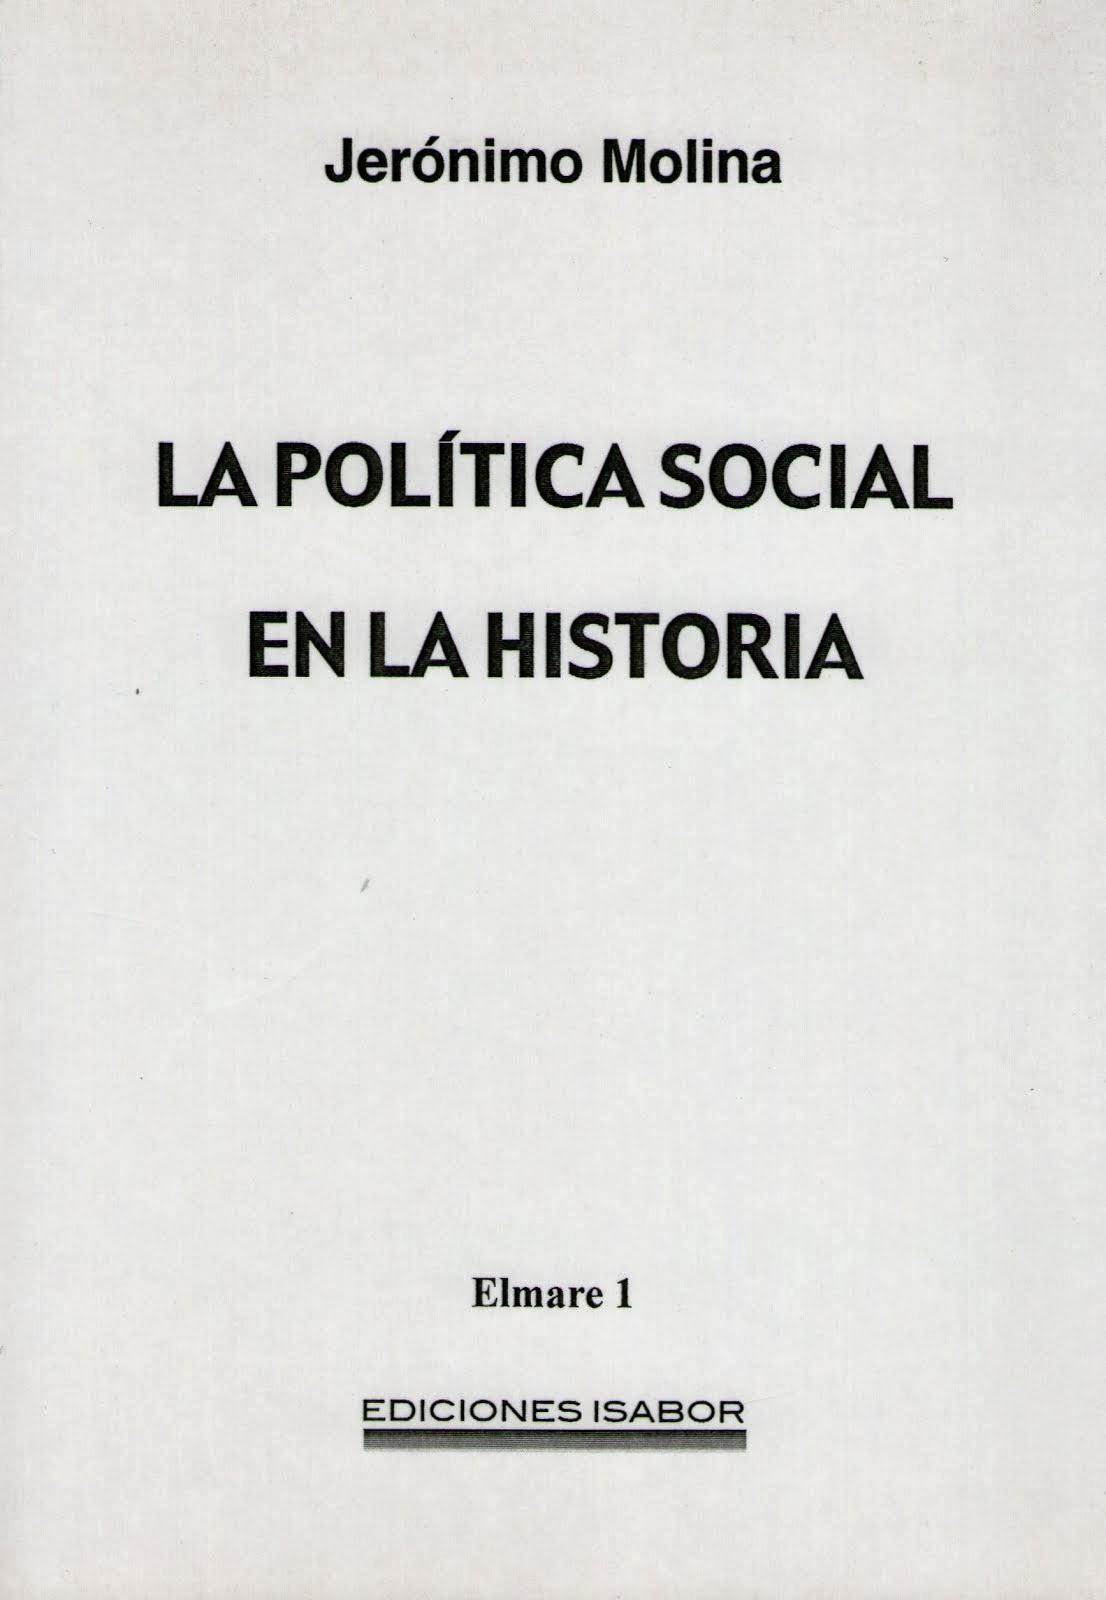 La Política social en la historia 2ª ed.